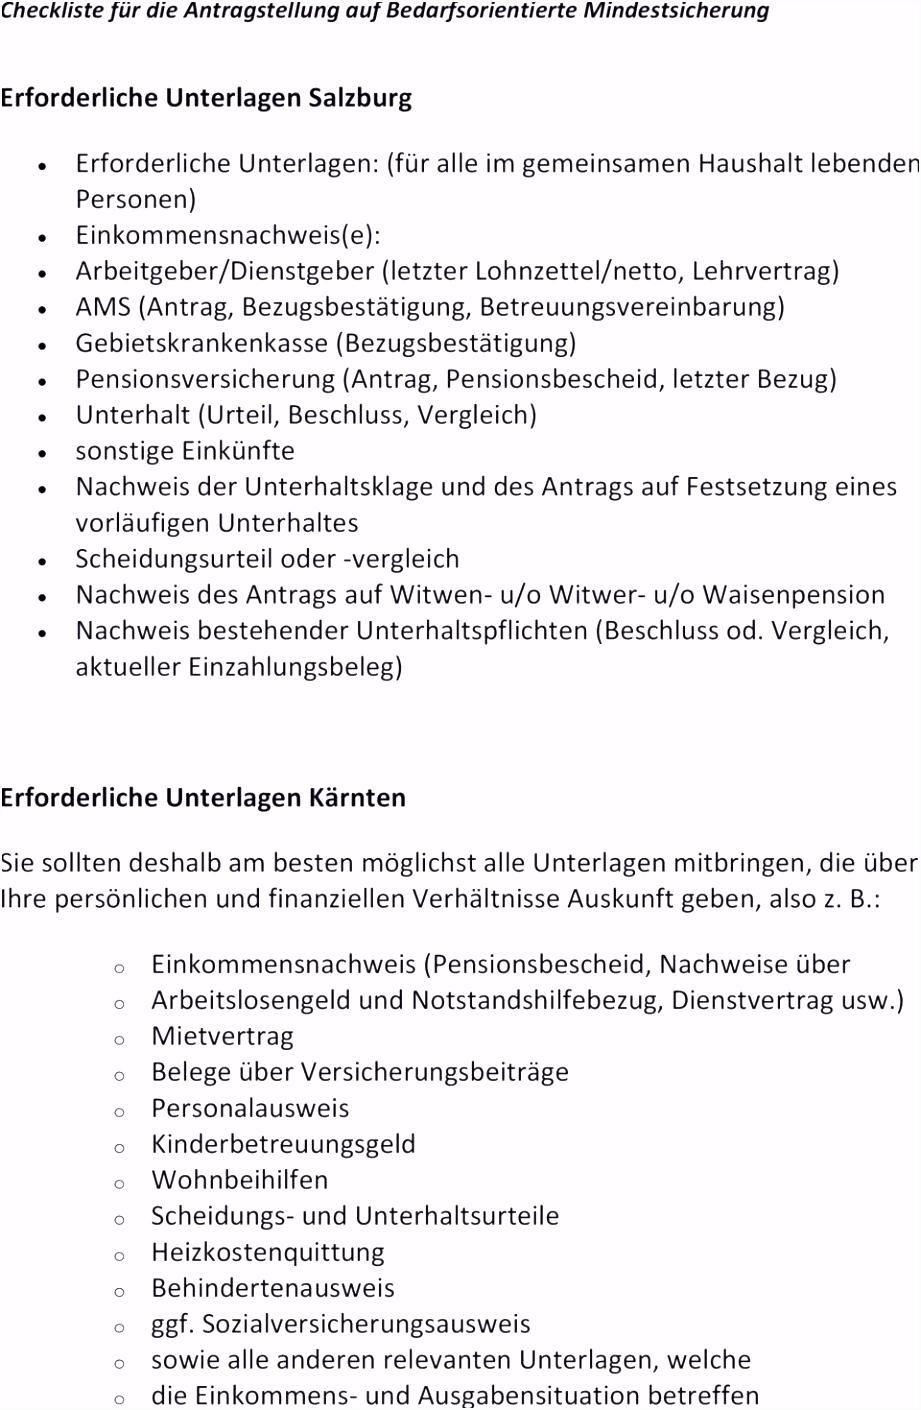 Vodafone Kundigung Mobilfunk Vorlage Saas Vertrag Vorlage Probe Landingpage Vorlagen Bookbugs C4dg56pow2 C4div2krg4